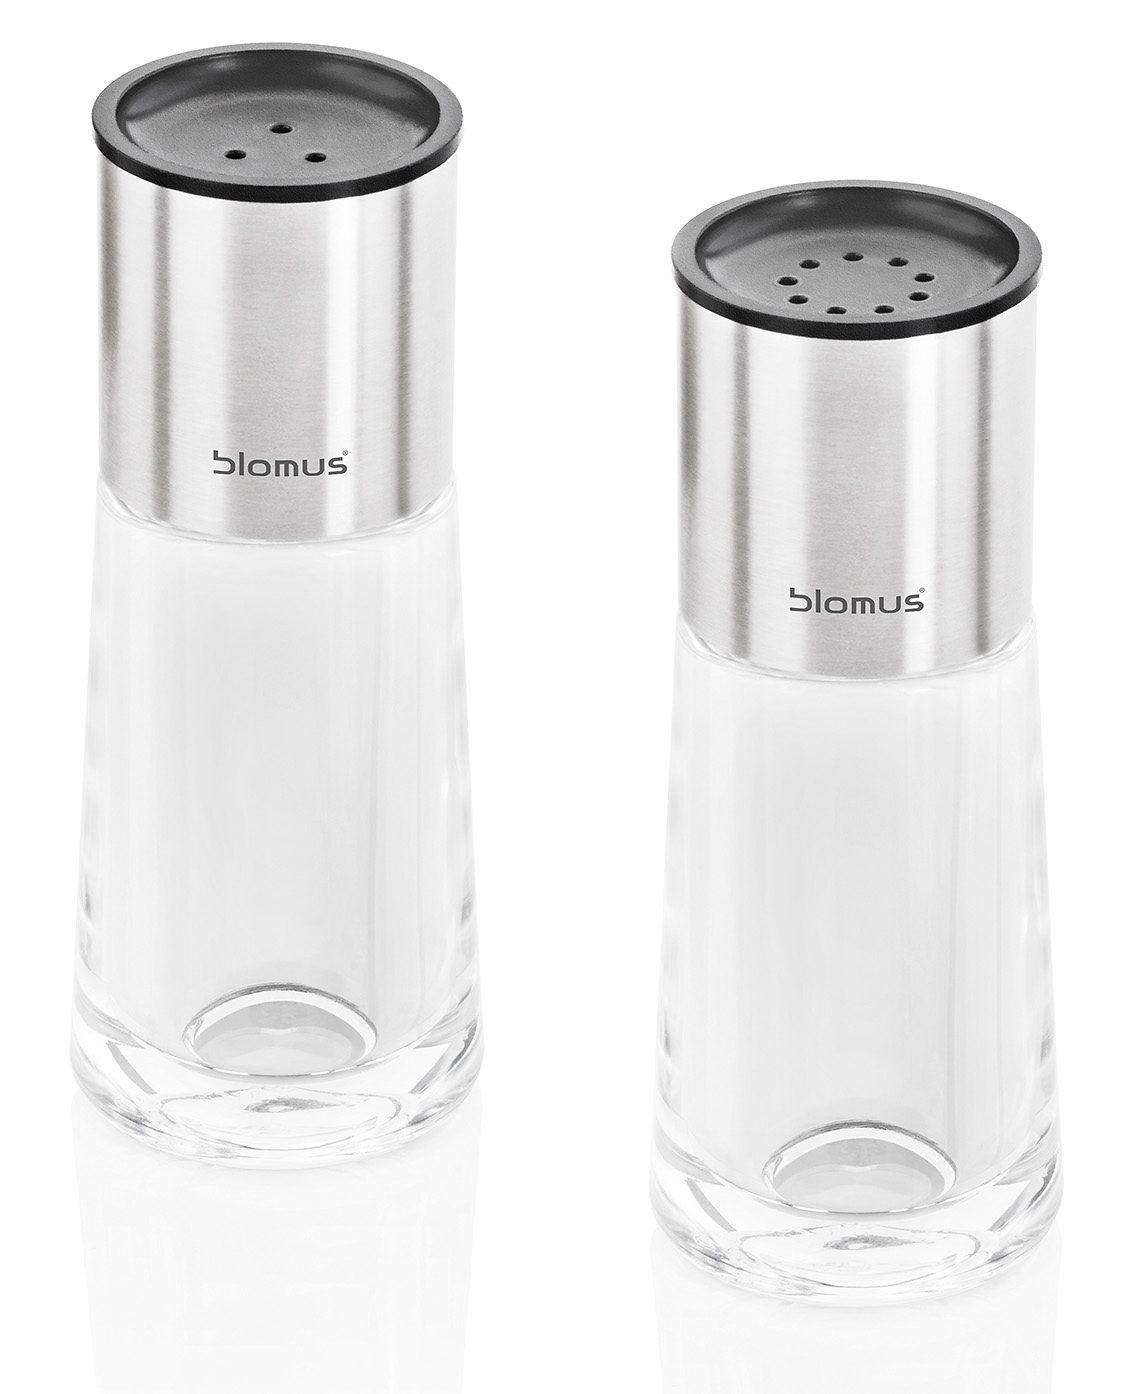 BLOMUS Salz- / Pfefferstreuer (Set 2-tlg) Wohnen/Haushalt/Haushaltswaren/Geschirr, Porzellan & Tischaccessoires/Tischaccessoires/Salzstreuer, Zuckerstreuer & Pfefferstreuer